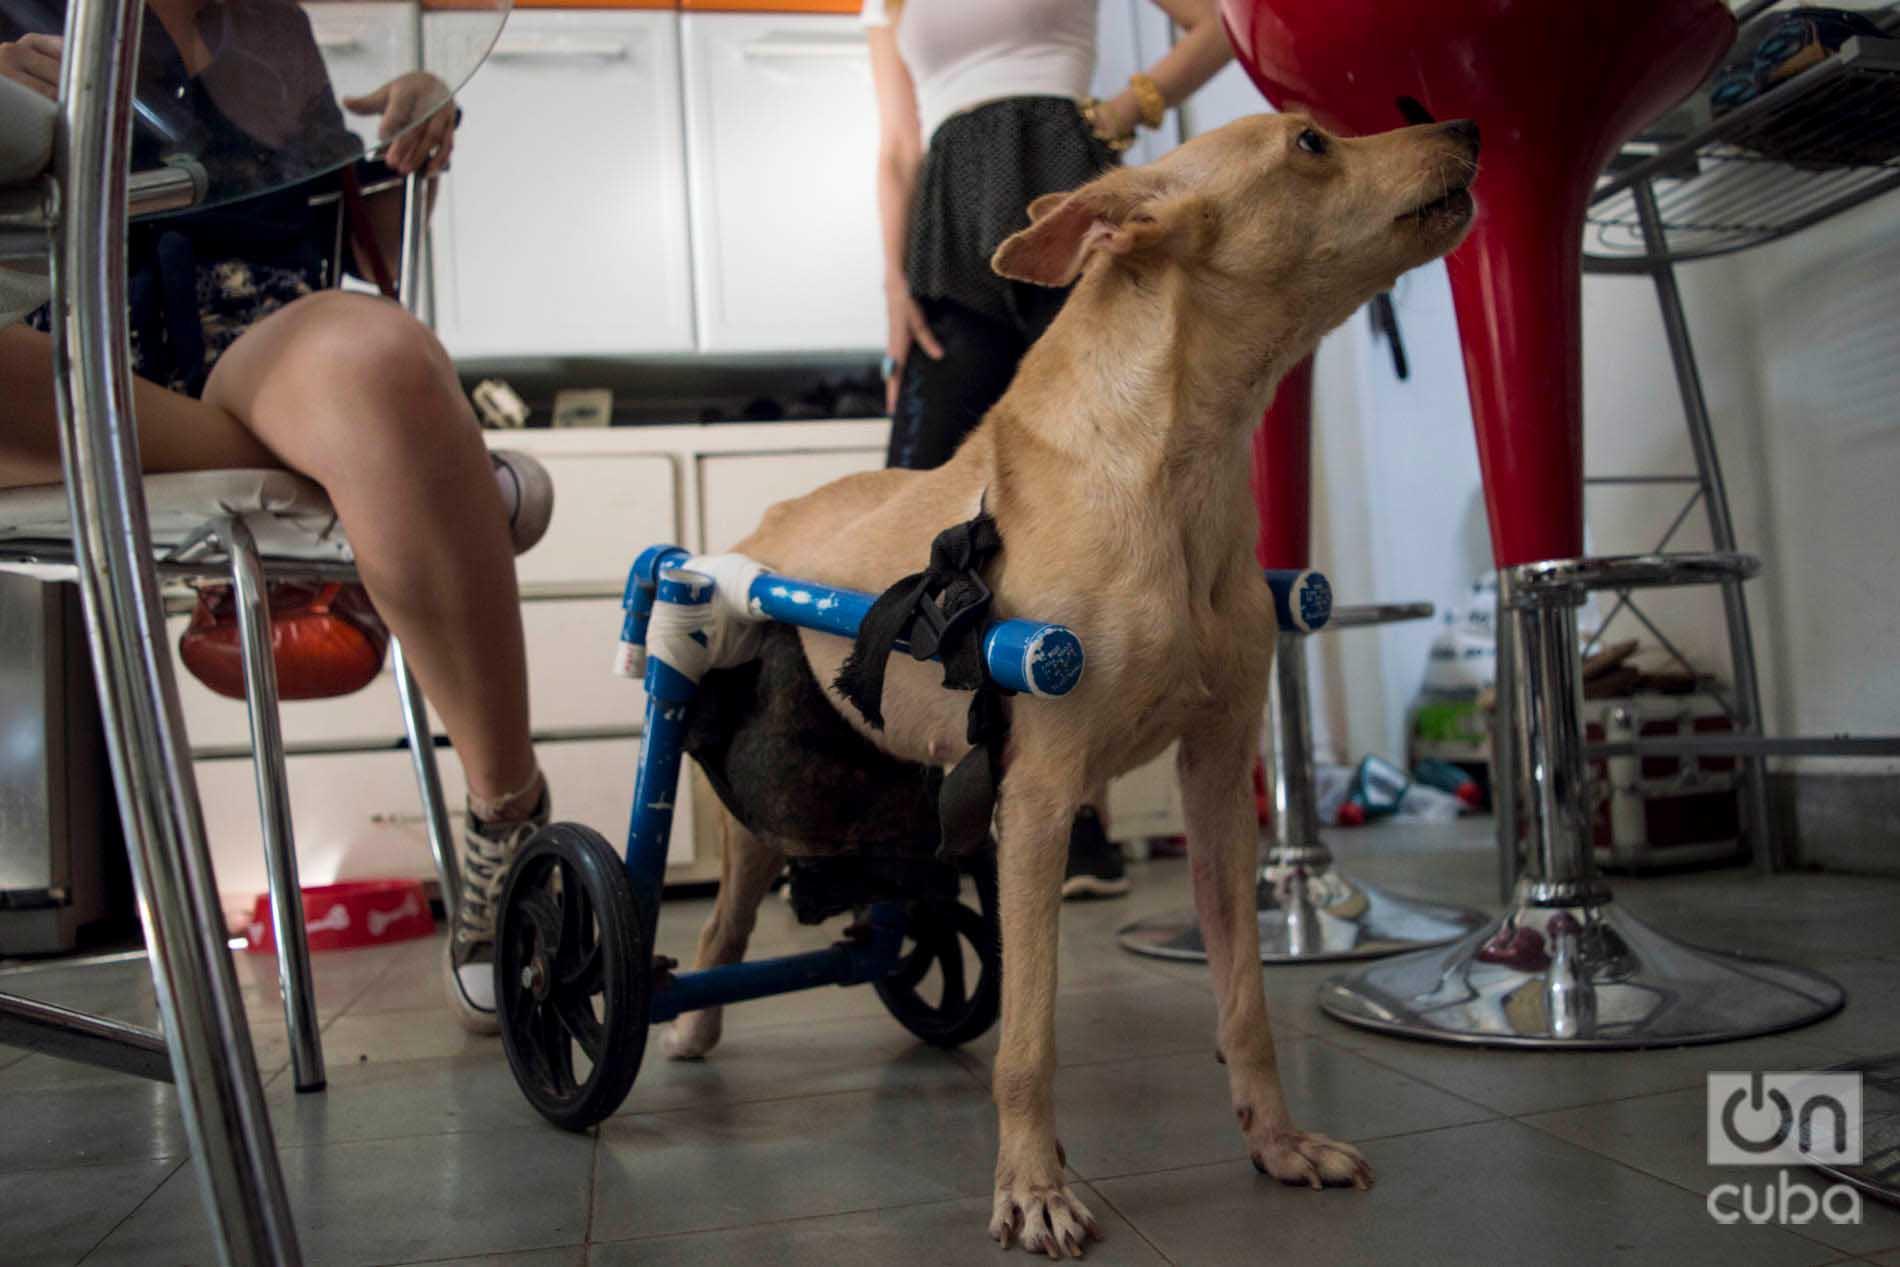 Perrita con un equipo que la ayuda caminar, en el apartamento del cerro de Venus y Ernesto. Foto: Otmaro Rodríguez.